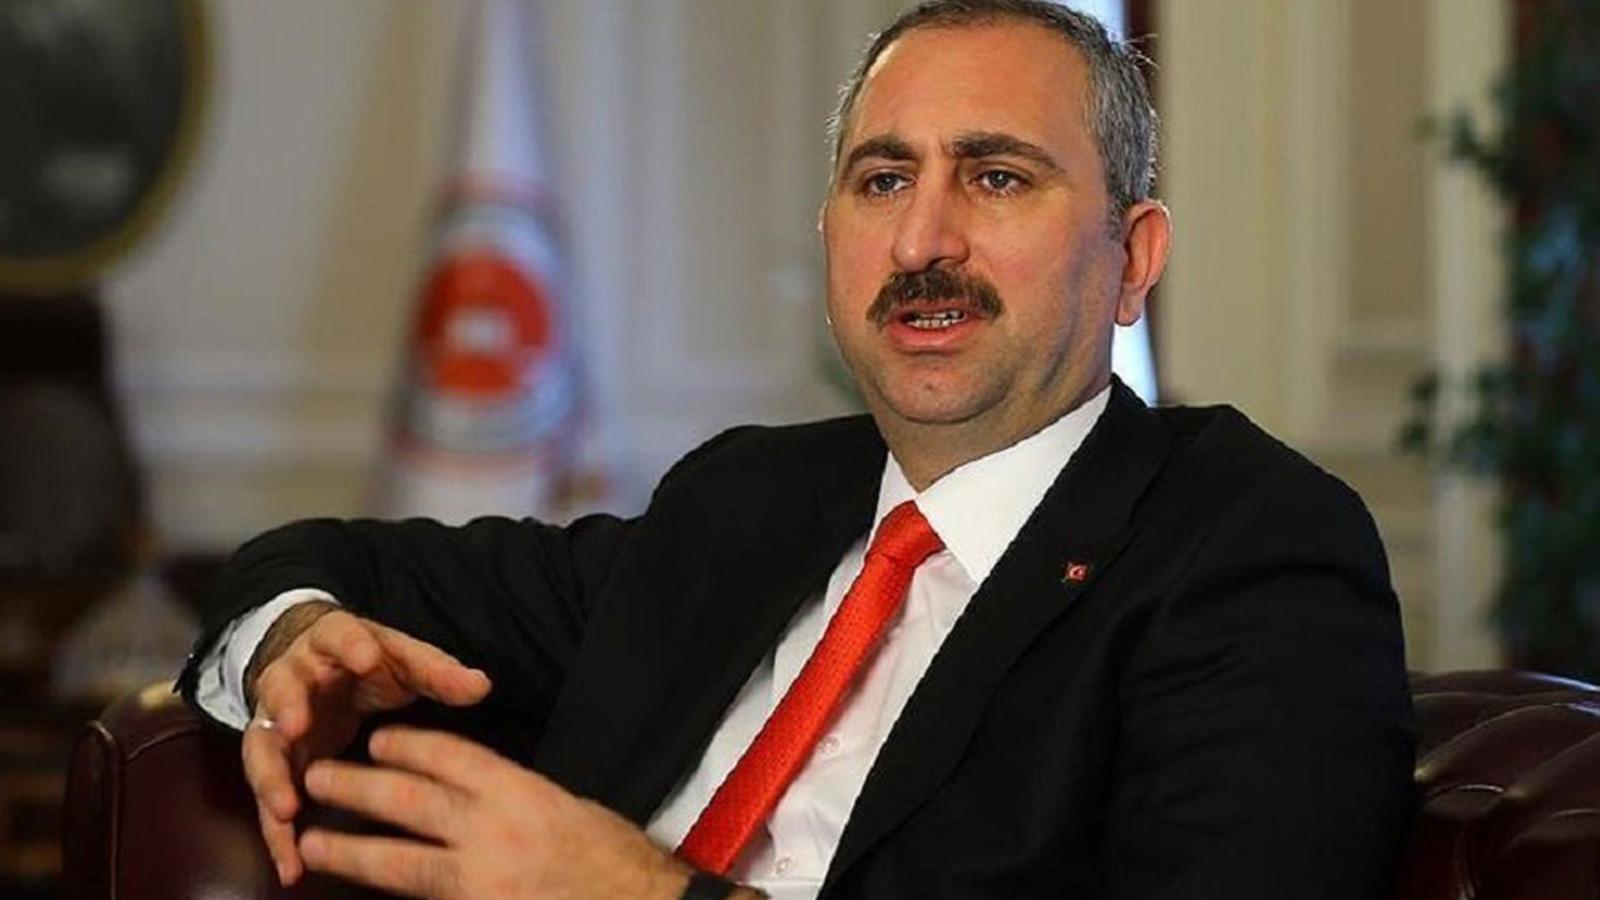 Adalet Bakanı Abdulhamit Gül Başak Demirtaş'a çirkin saldırıyı kınadı